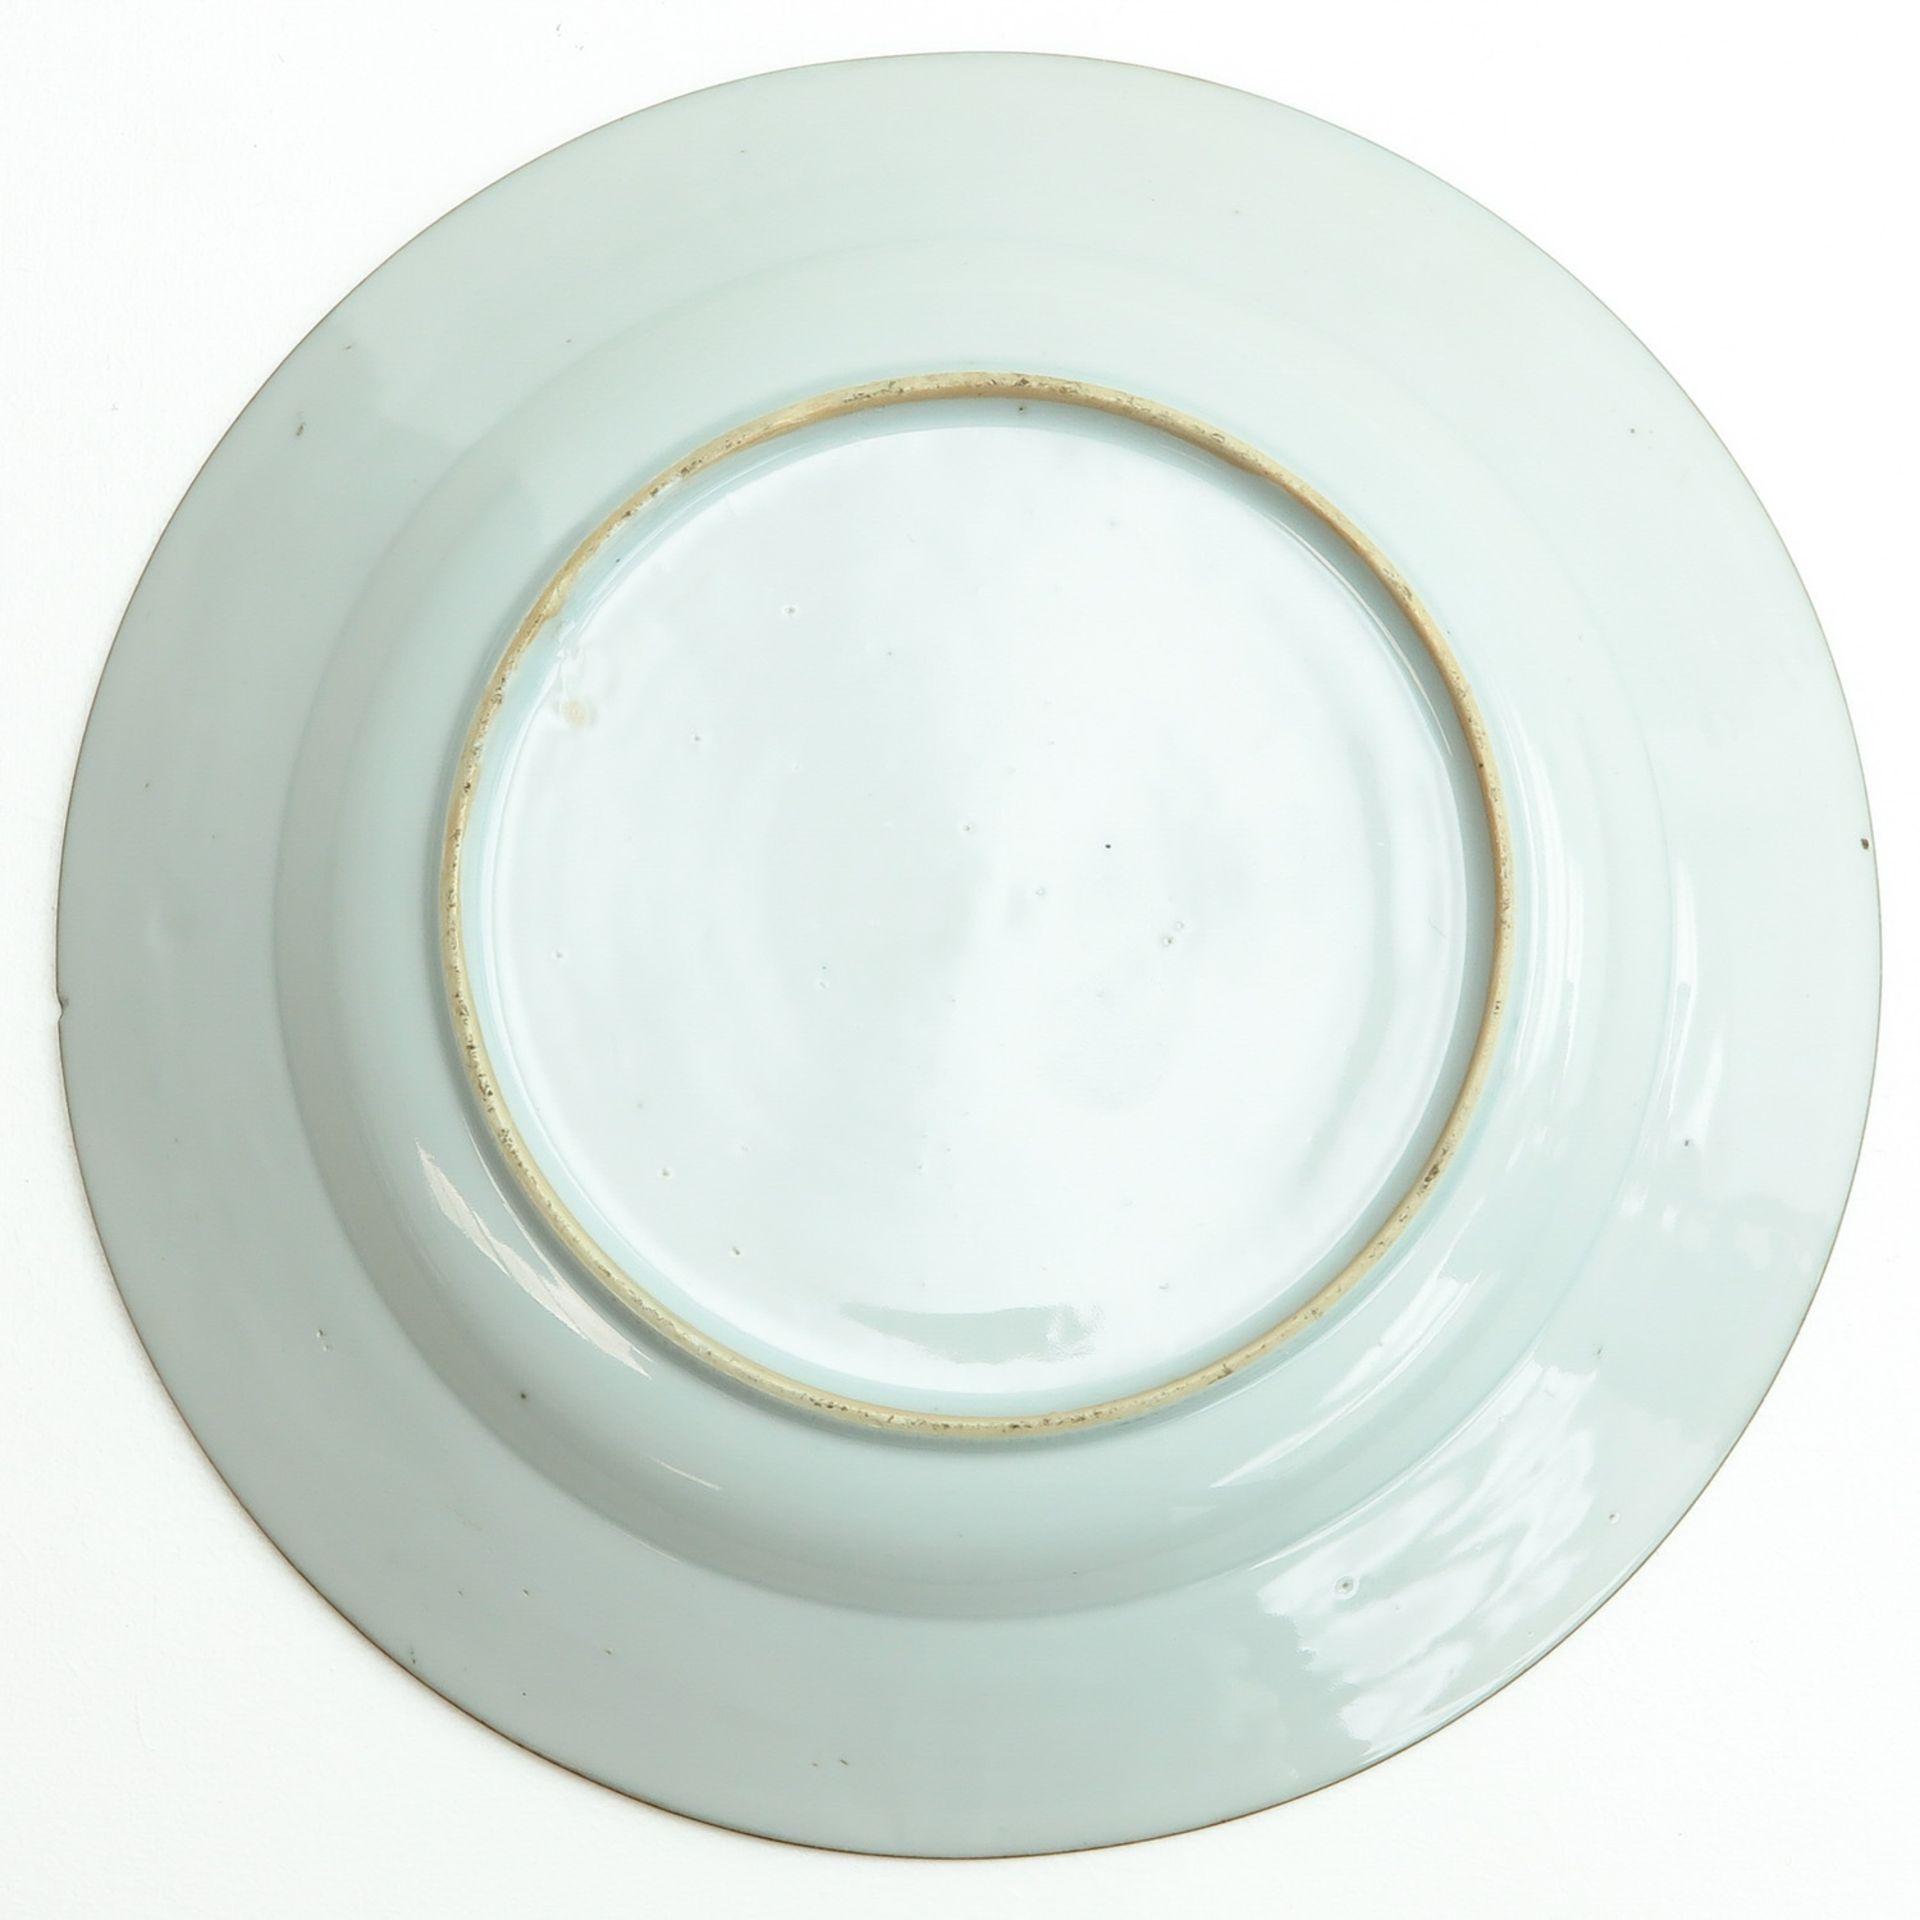 Los 7084 - An Imari Plate